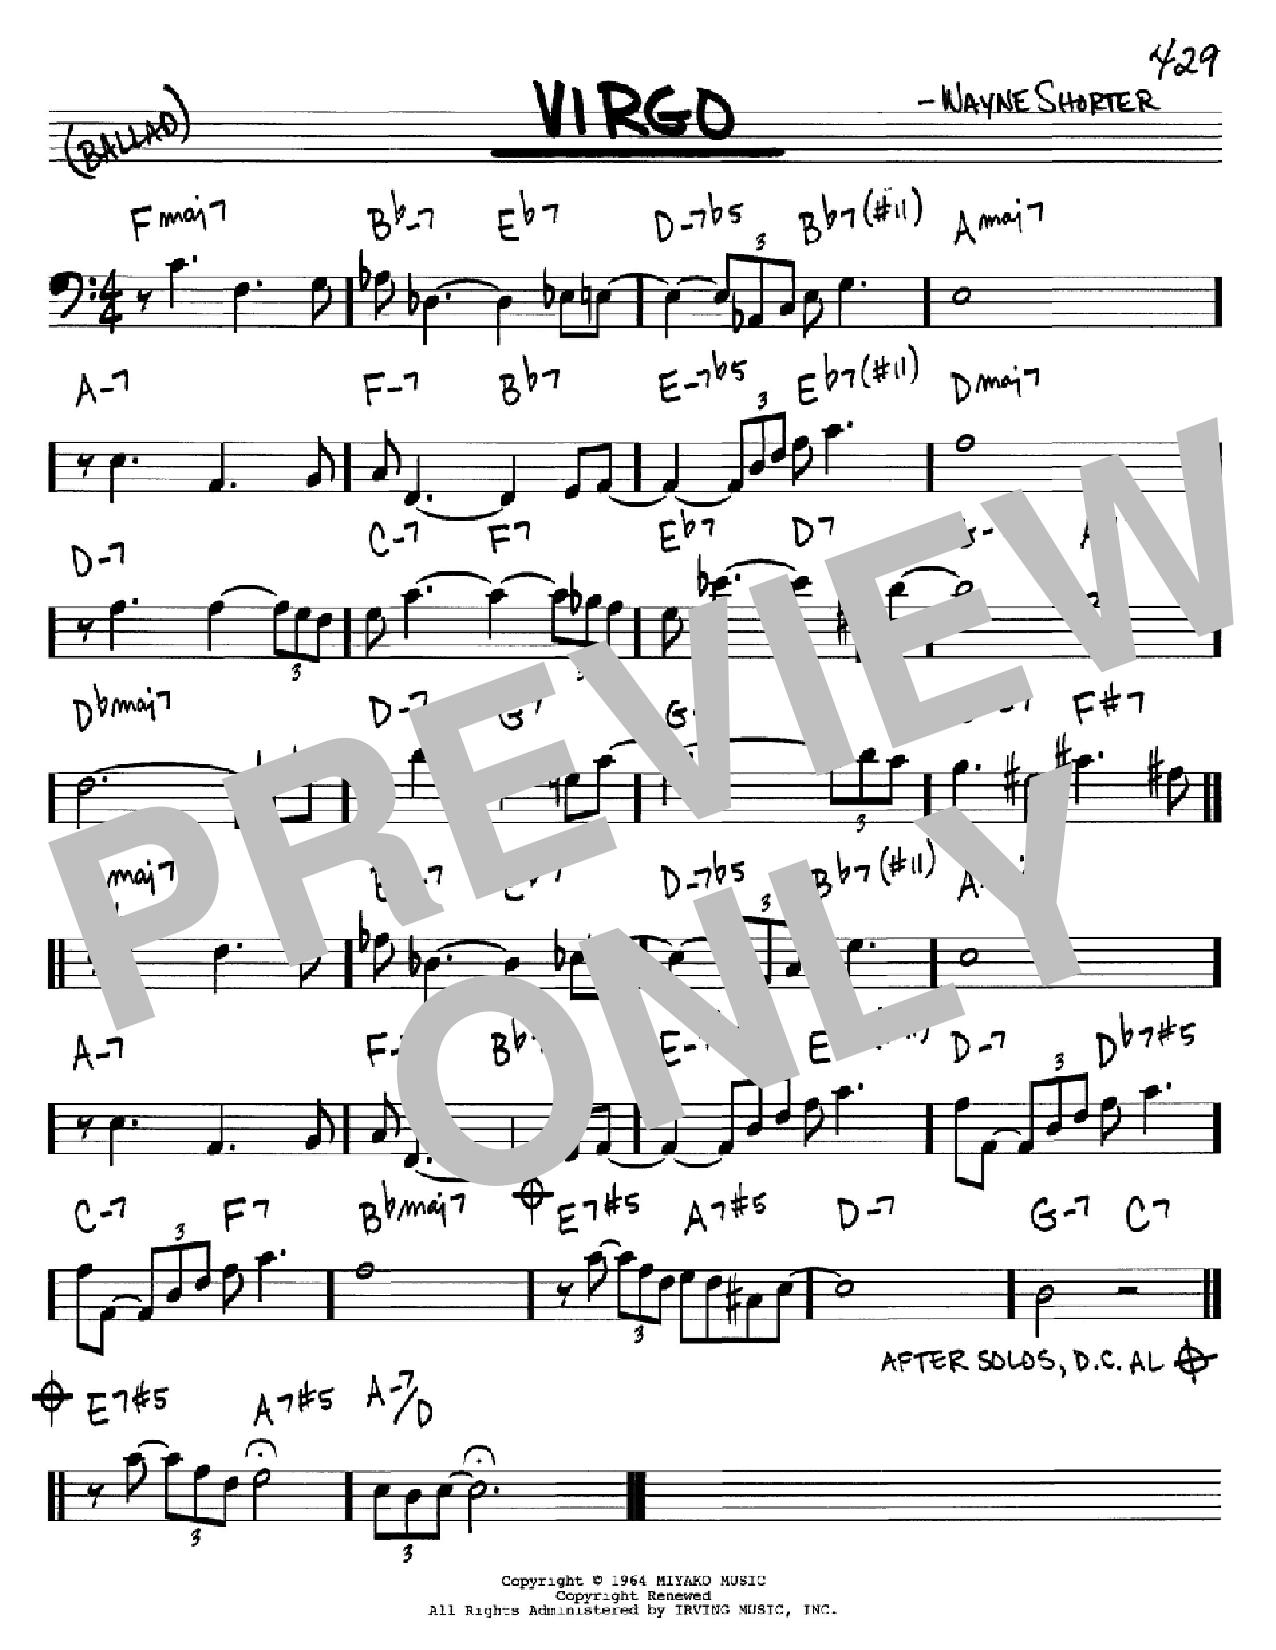 Partition autre Virgo de Wayne Shorter - Real Book, Melodie et Accords, Inst. En cle de Fa